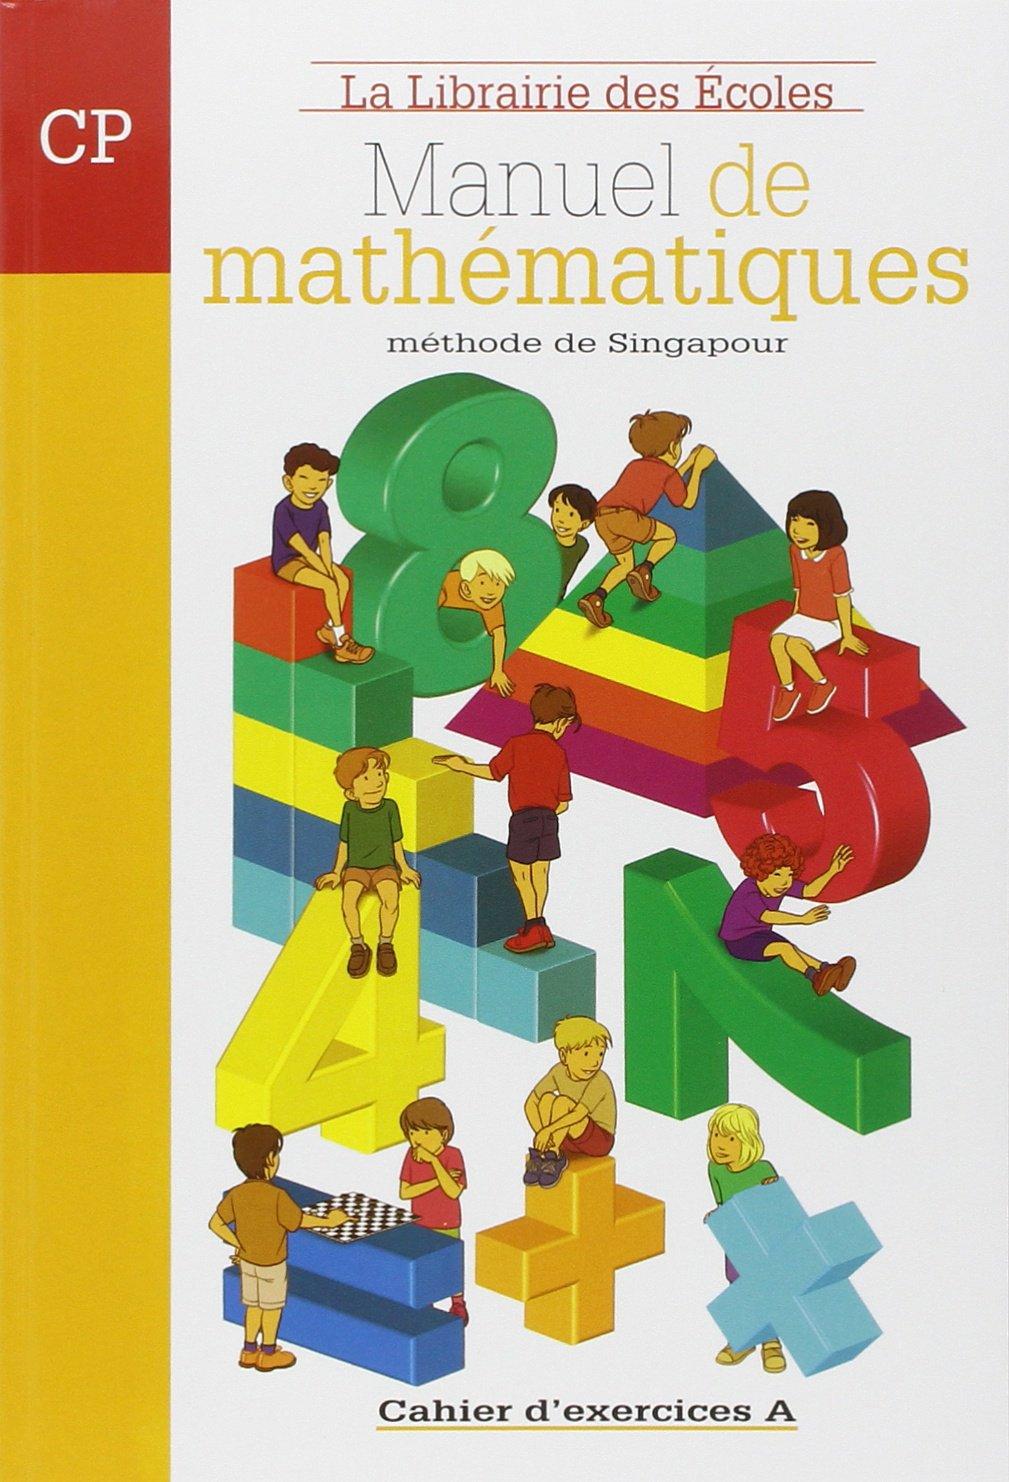 Manuel De Mathematiques Cp Cahier D Exercices A Paillard Thierry 9782916788043 Amazon Com Books